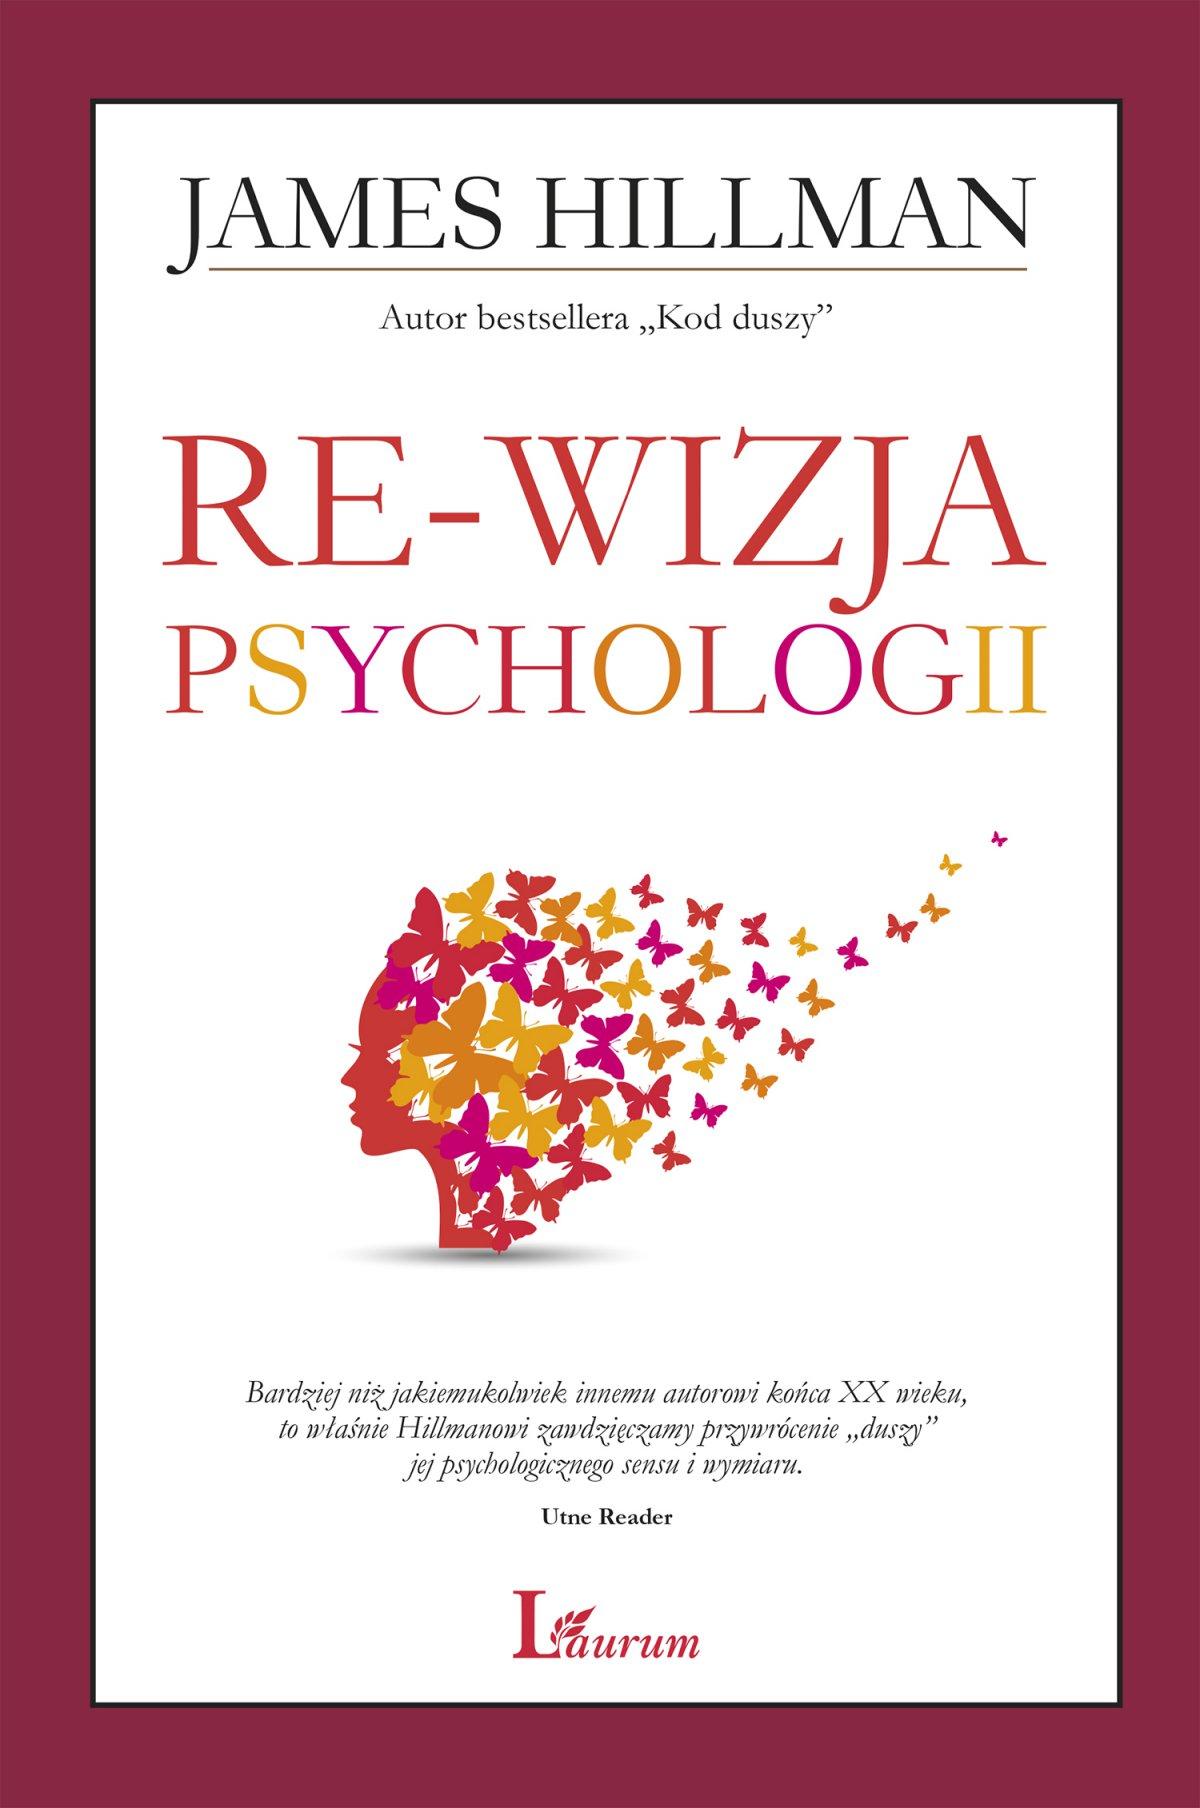 Re-wizja psychologii - Ebook (Książka na Kindle) do pobrania w formacie MOBI